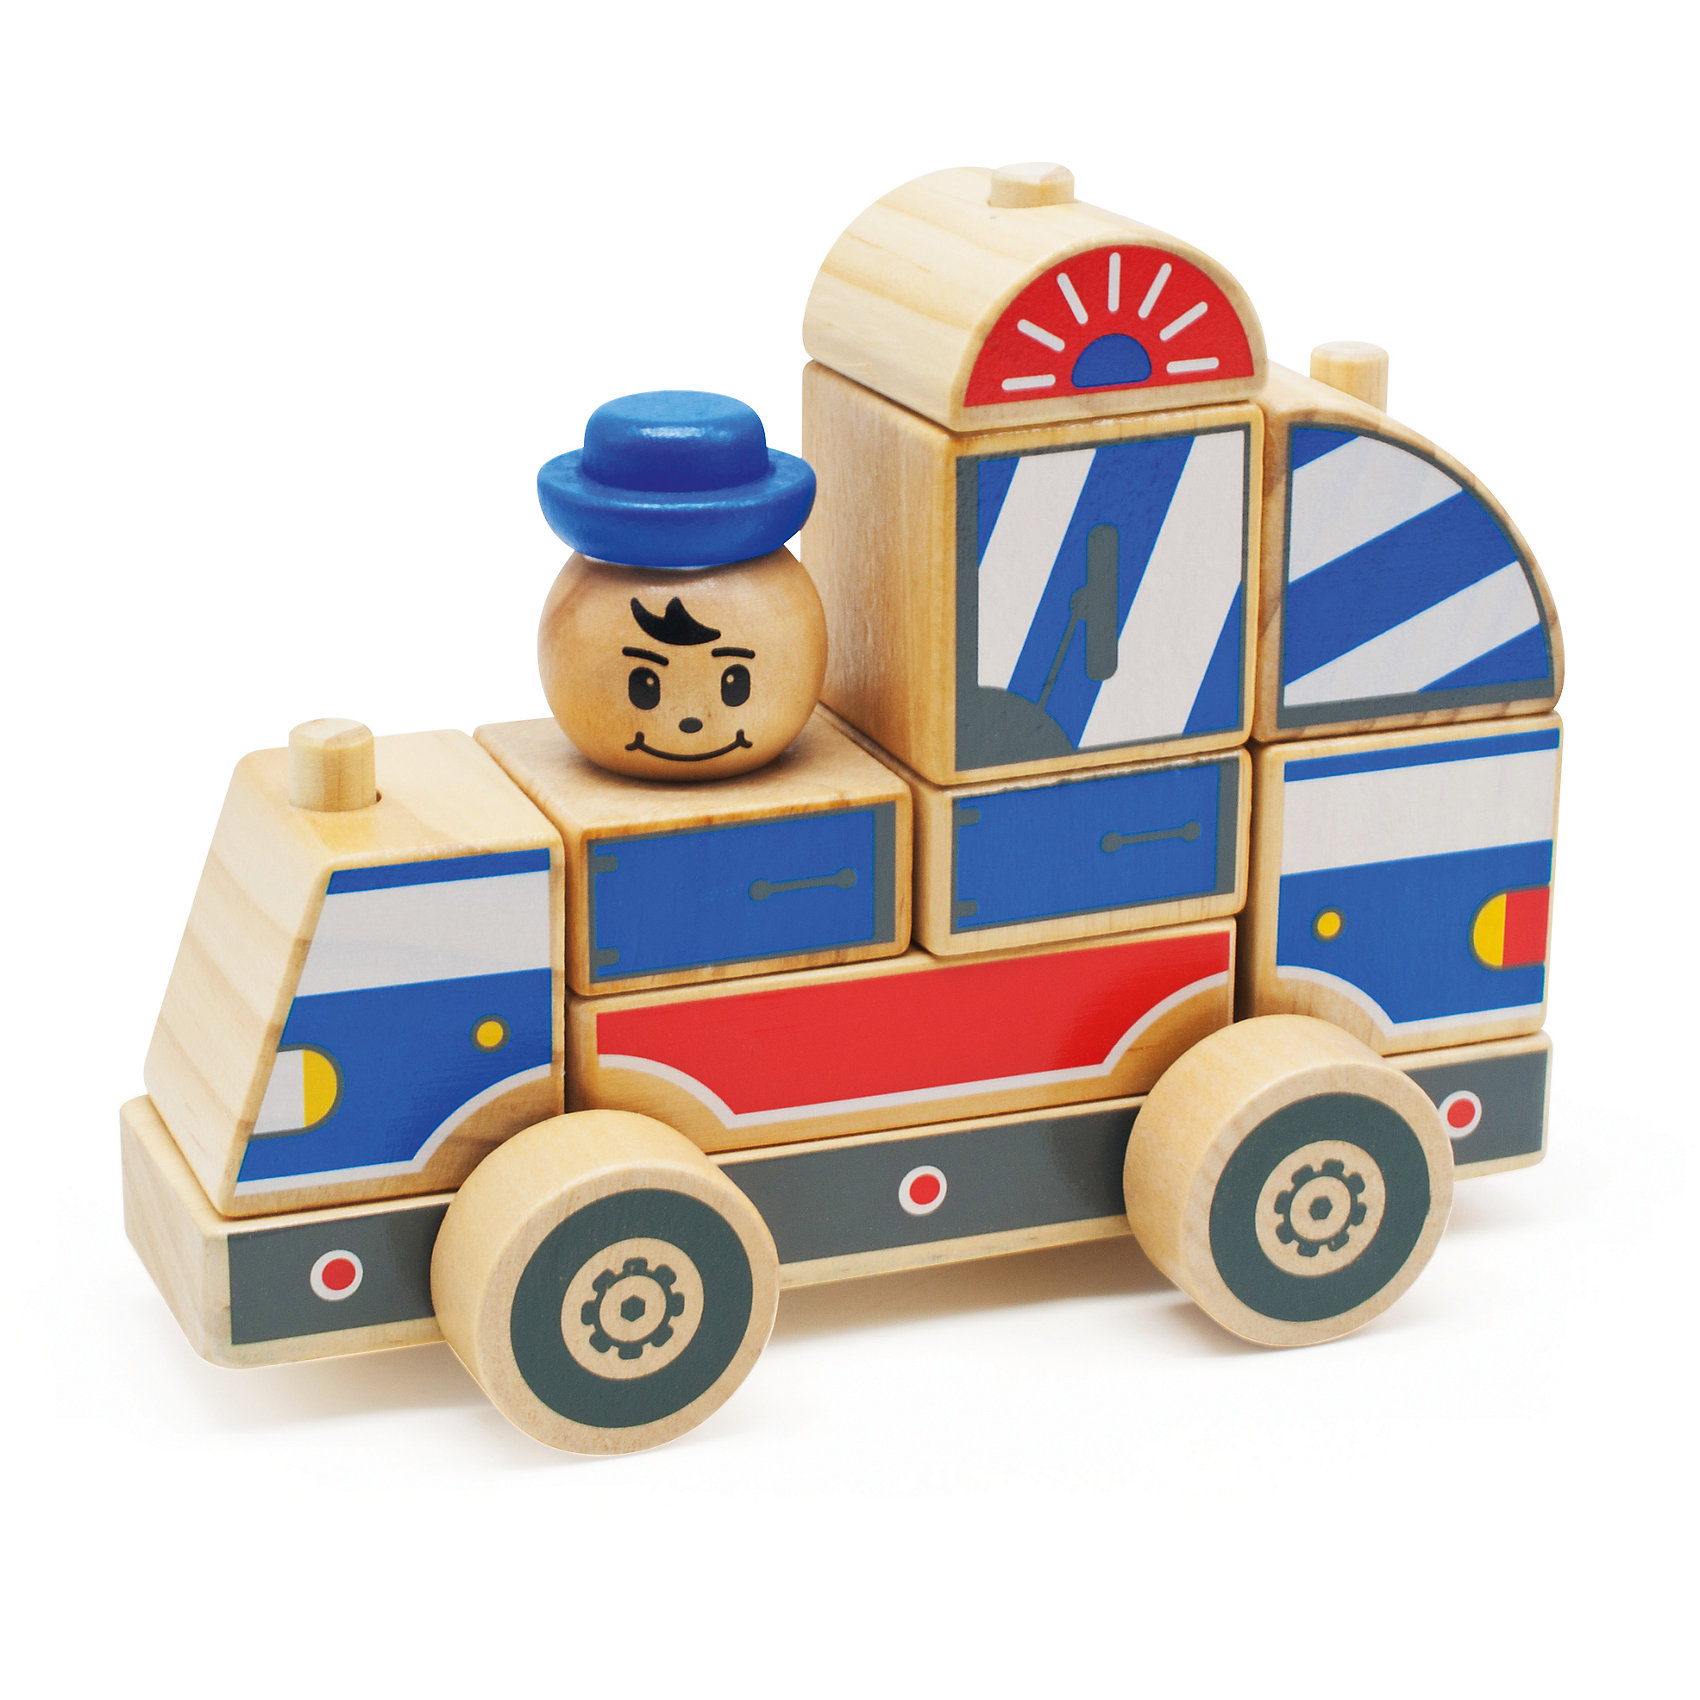 Автомобиль-конструктор 1, Мир деревянных игрушекЭтот яркий автомобильчик придется по вкусу всем юным автолюбителям! Секрет его в том, что он состоит из отдельных кубиков и деталей. Ребенку будет интересно самому собрать оригинальную машинку и потом весело играть с ней. Надо лишь надеть нужные детали на деревянные штырьки на платформе с колесами - и машинка готова! <br>Все детали автомобиля выполнены из натурального дерева, раскрашены гипоаллергенными нетоксичными красителями, не имеют острых углов, прекрасно обработаны - абсолютно безопасны для детей. <br>Игры с конструктором развивают у малышей моторику рук, внимание, пространственного воображение и фантазию. <br><br>Дополнительная информация:<br><br>- Возраст: от 3-х лет.<br>- Материал: дерево. <br>- Количество деталей: 15.<br>- Размер игрушки: 17 см. <br><br>Автомобиль-конструктор 1 можно купить в нашем магазине.<br><br>Ширина мм: 180<br>Глубина мм: 90<br>Высота мм: 145<br>Вес г: 444<br>Возраст от месяцев: 36<br>Возраст до месяцев: 2147483647<br>Пол: Унисекс<br>Возраст: Детский<br>SKU: 4895899